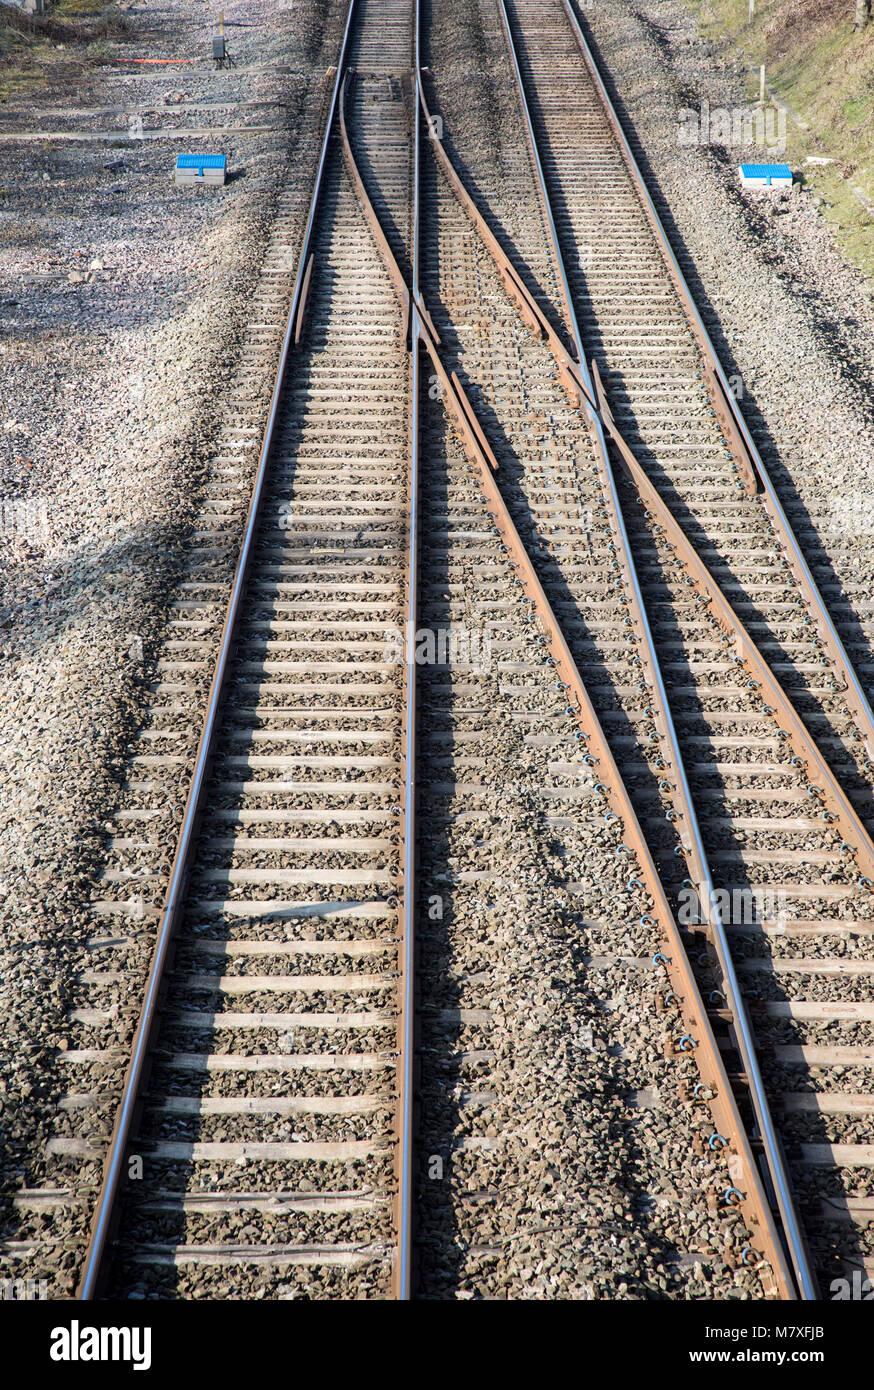 Merging tracks on rail line at Woodborough, Wiltshire, England, UK - Stock Image